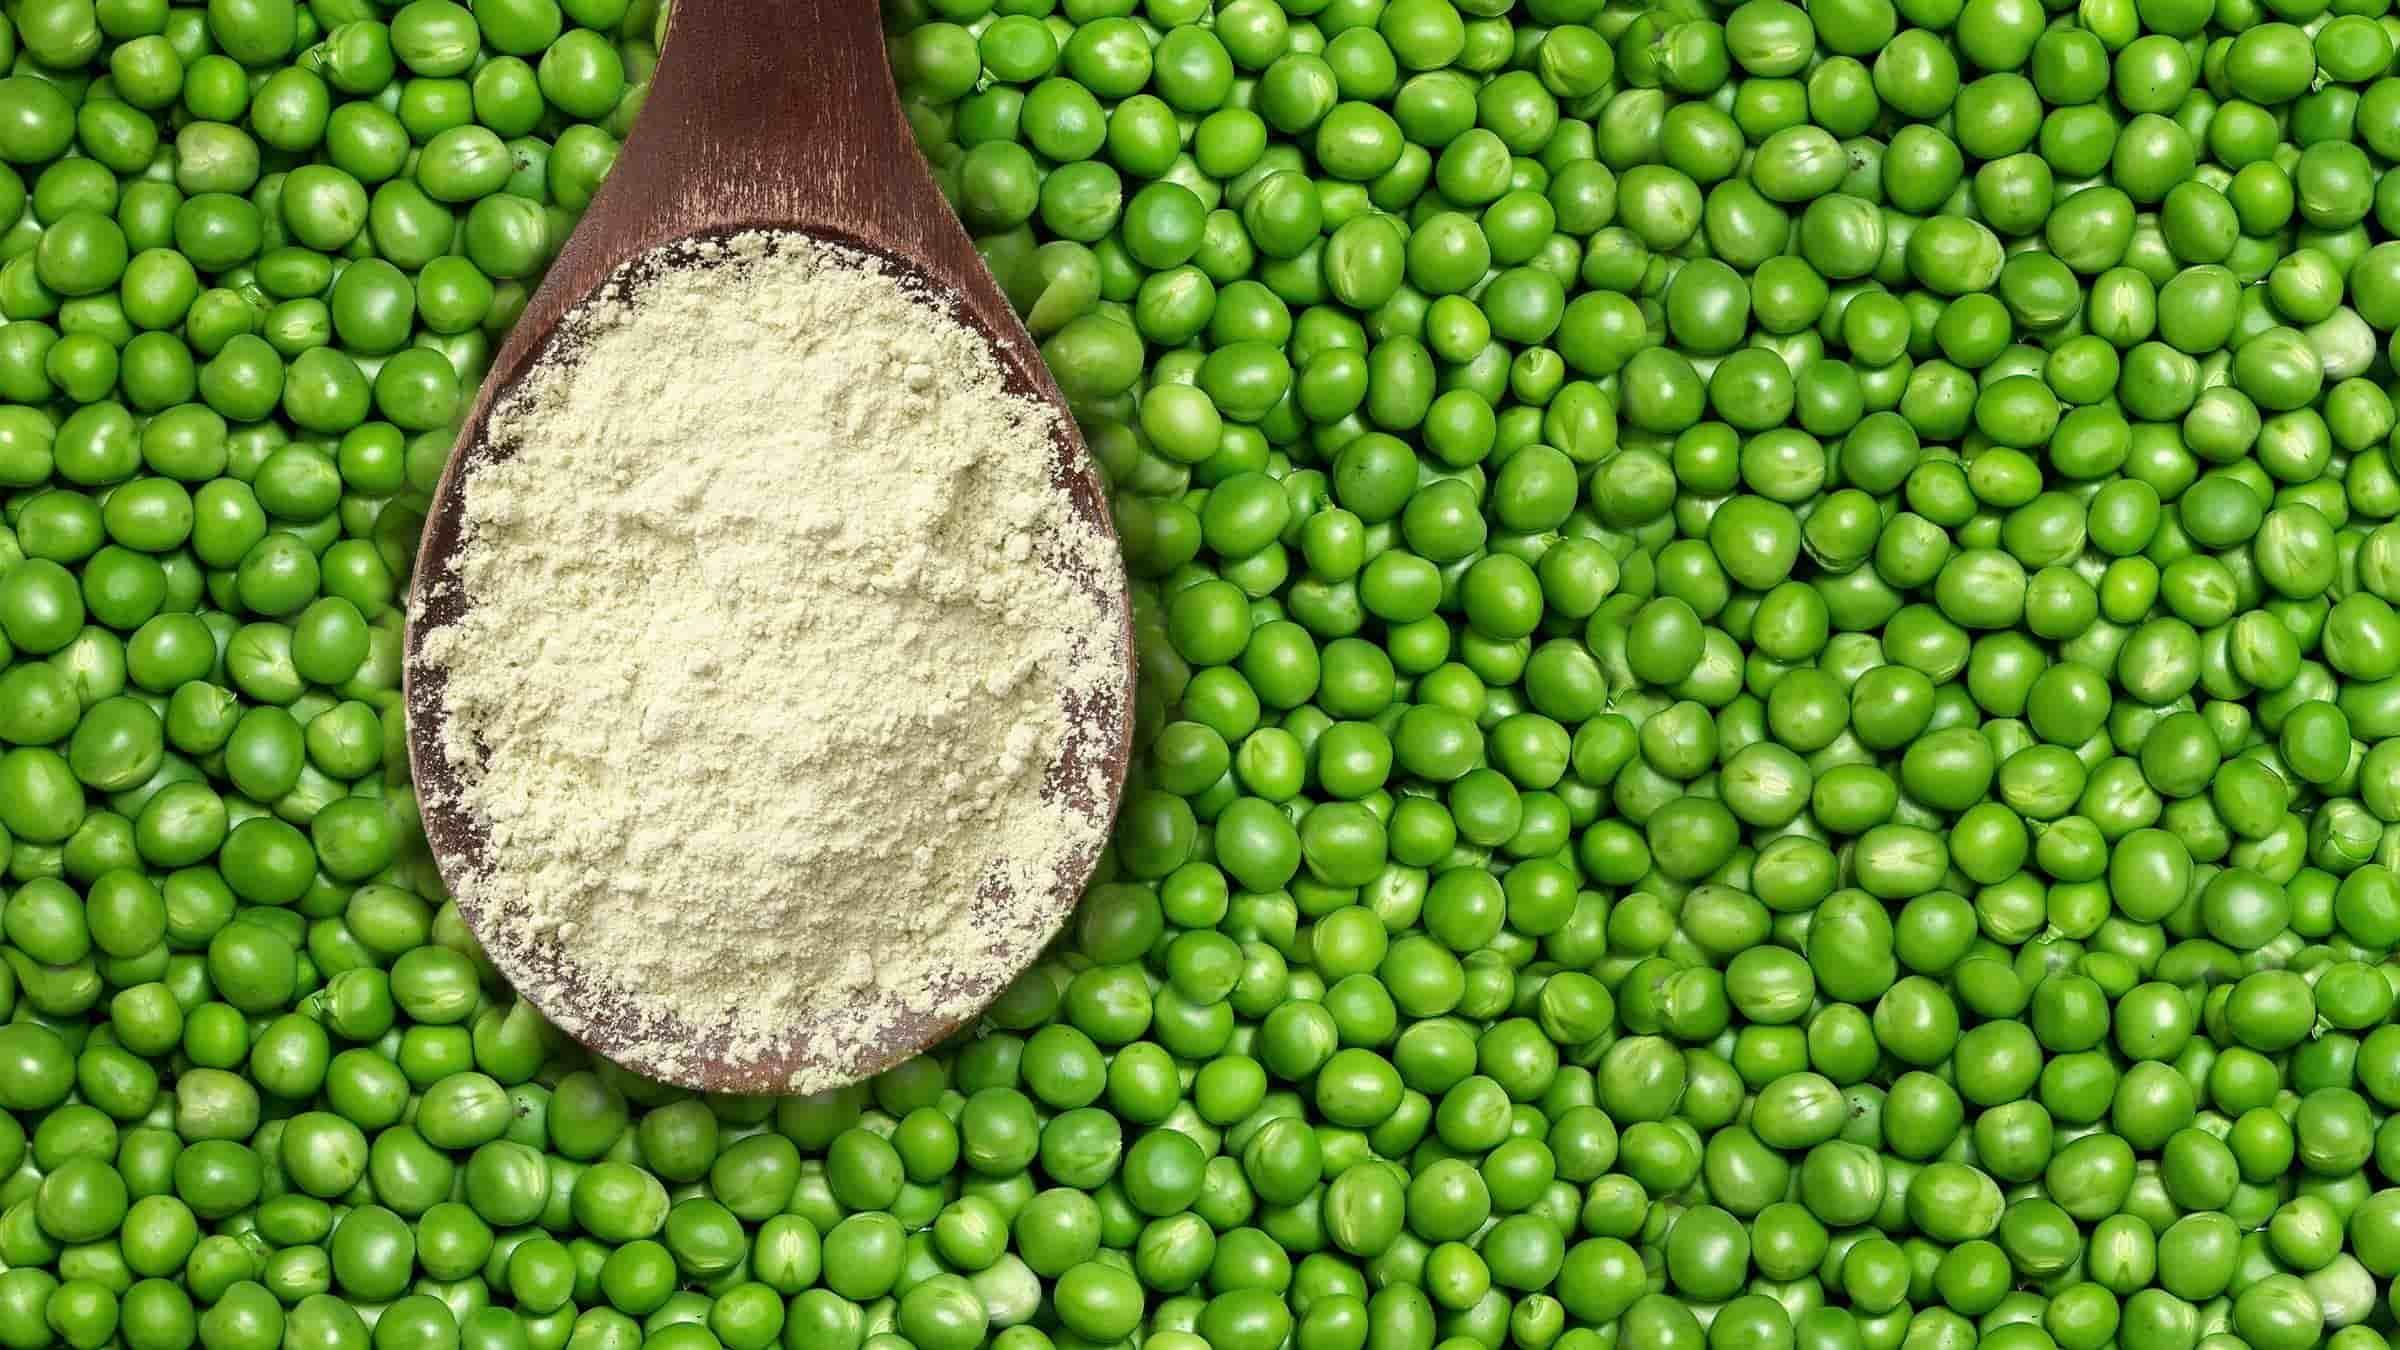 peas pea protein powder spoon